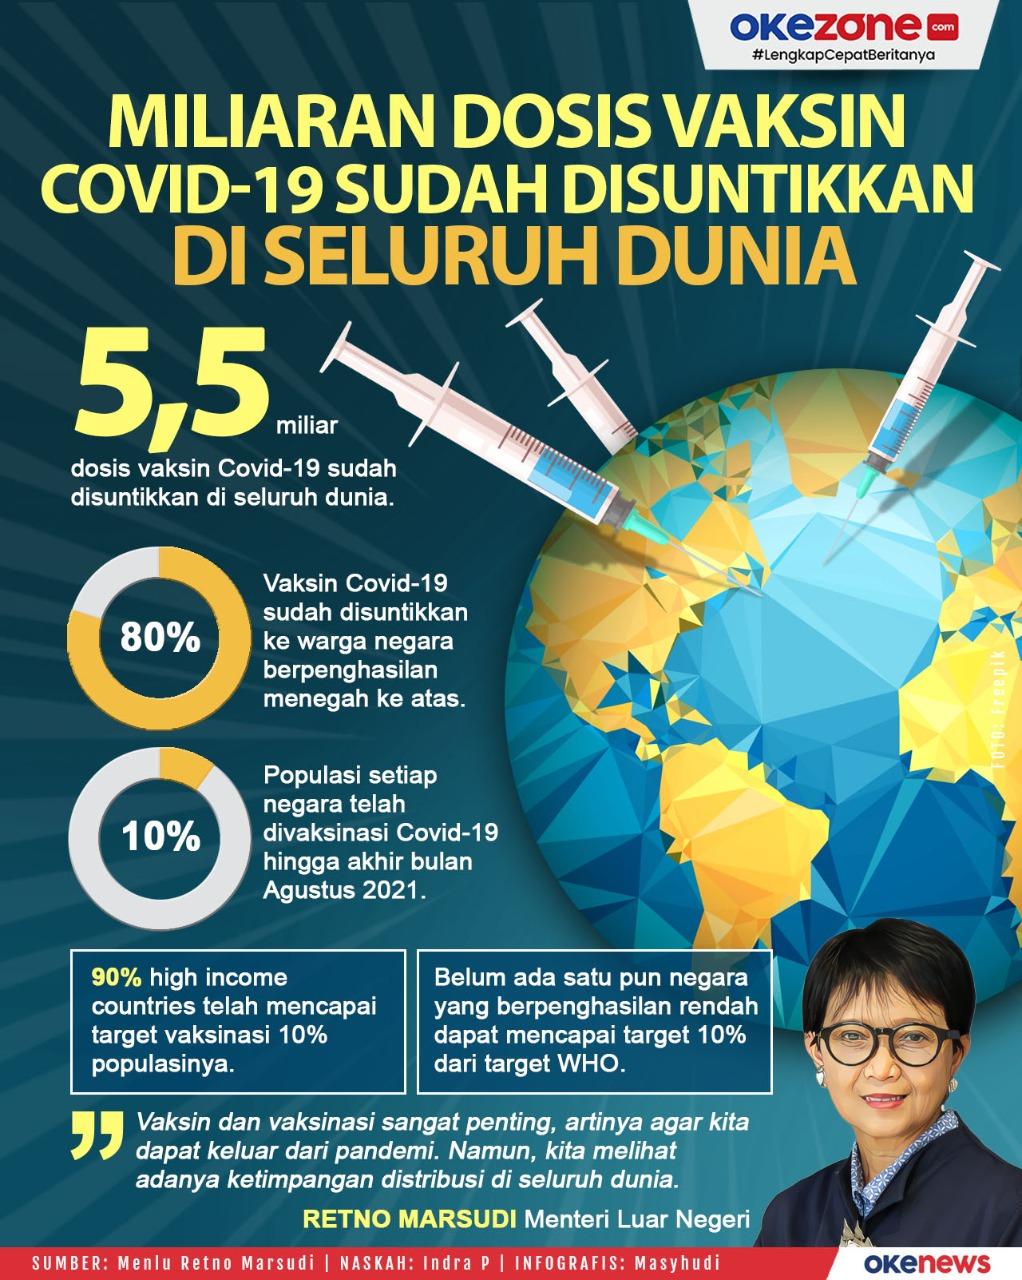 Miliaran Dosis Vaksin Covid-19 Sudah Disuntikkan di Seluruh Dunia -